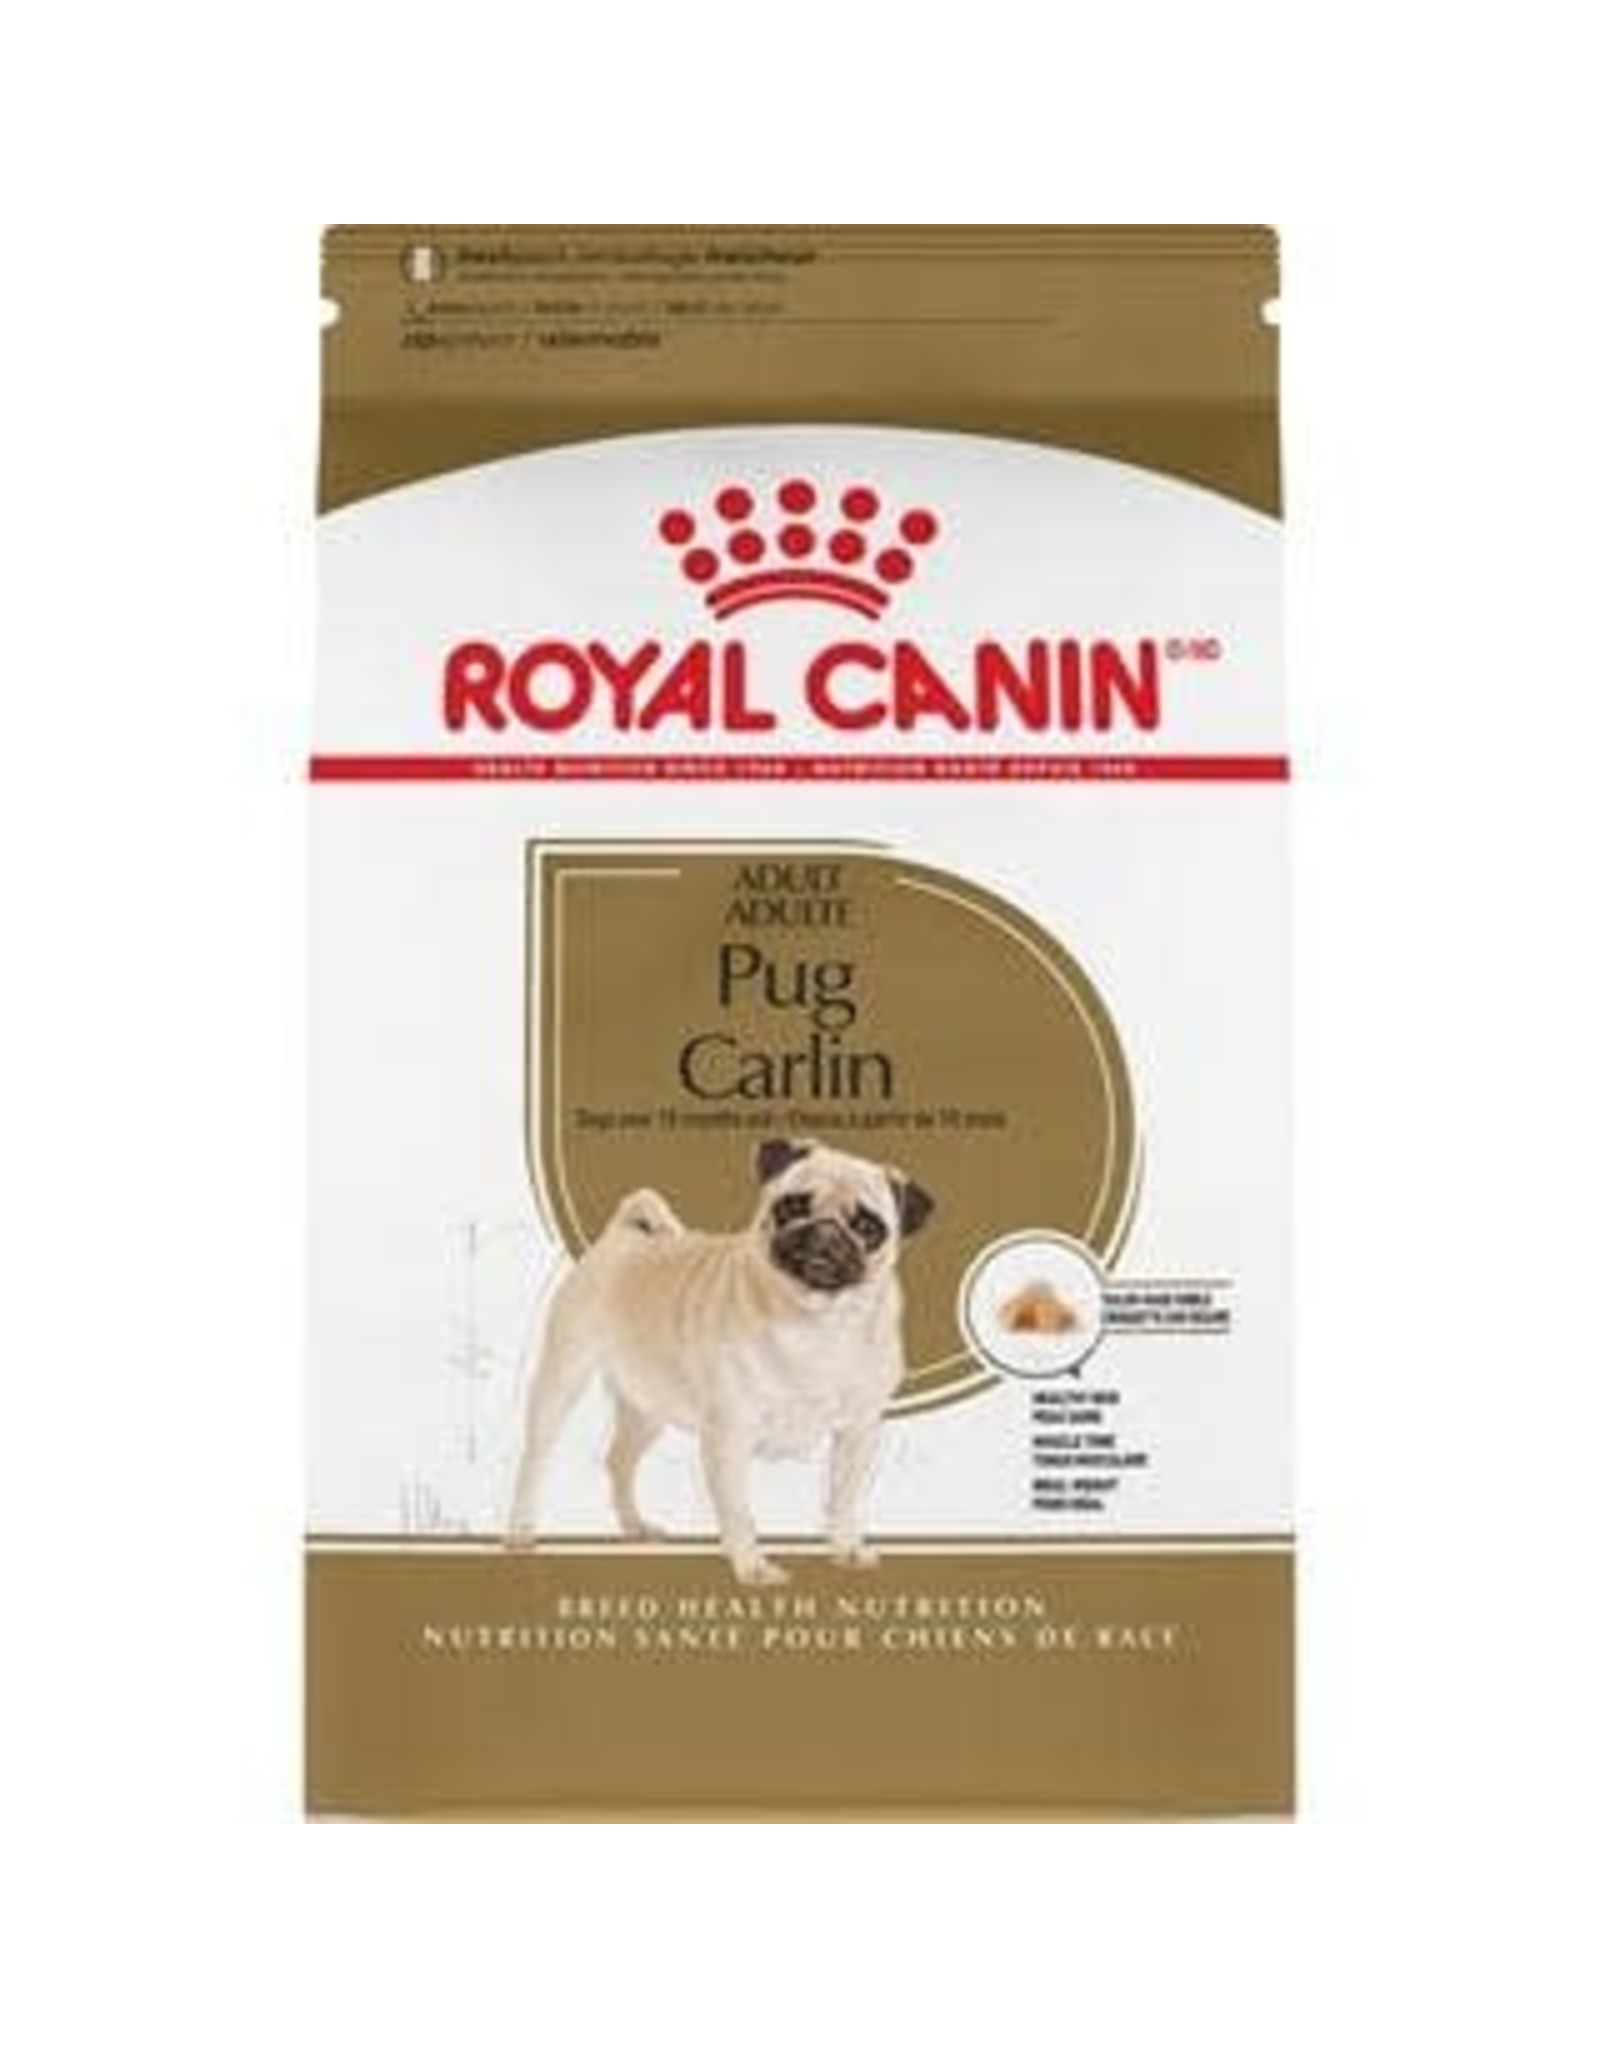 Royal Canin Royal Canin Dog - Pug